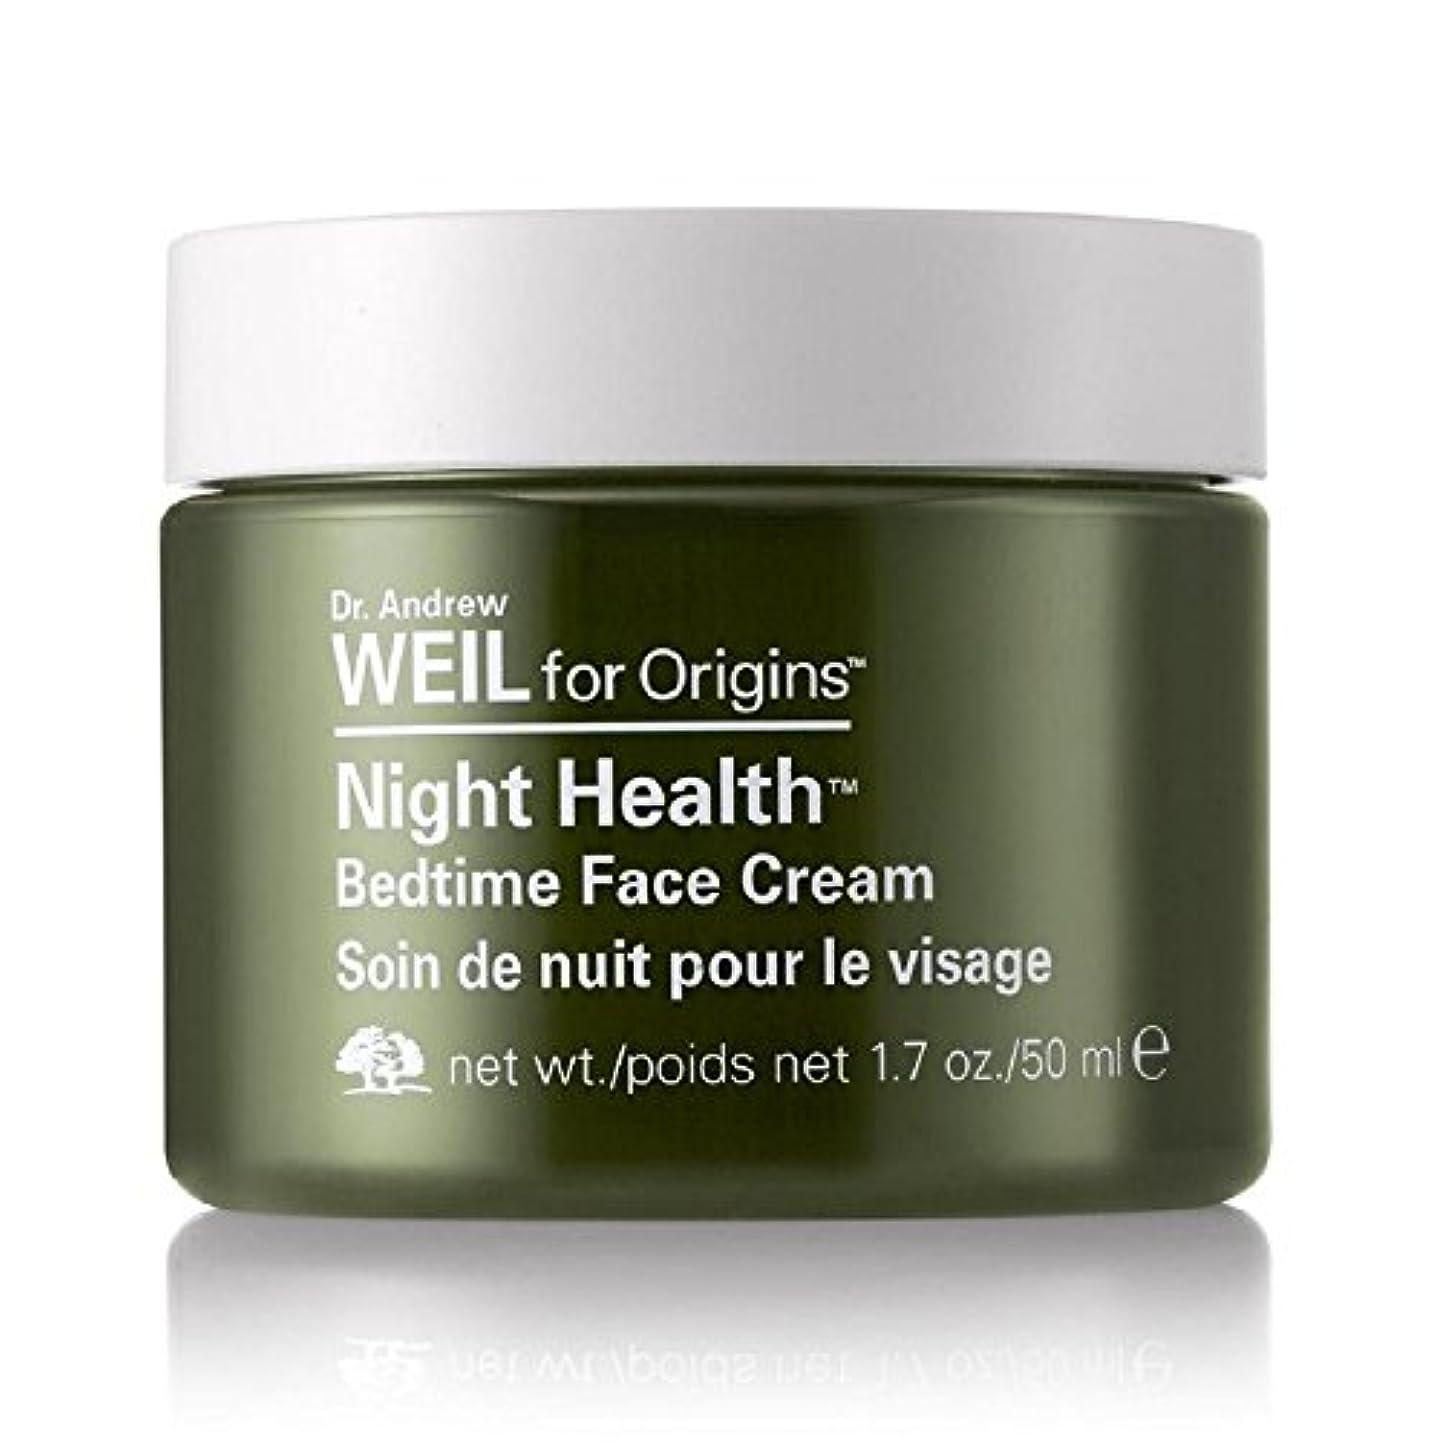 ブレス排除サークル起源のワイル夜の健康顔クリーム50 x4 - Origins Dr Weil Night Health Face Cream 50ml (Pack of 4) [並行輸入品]